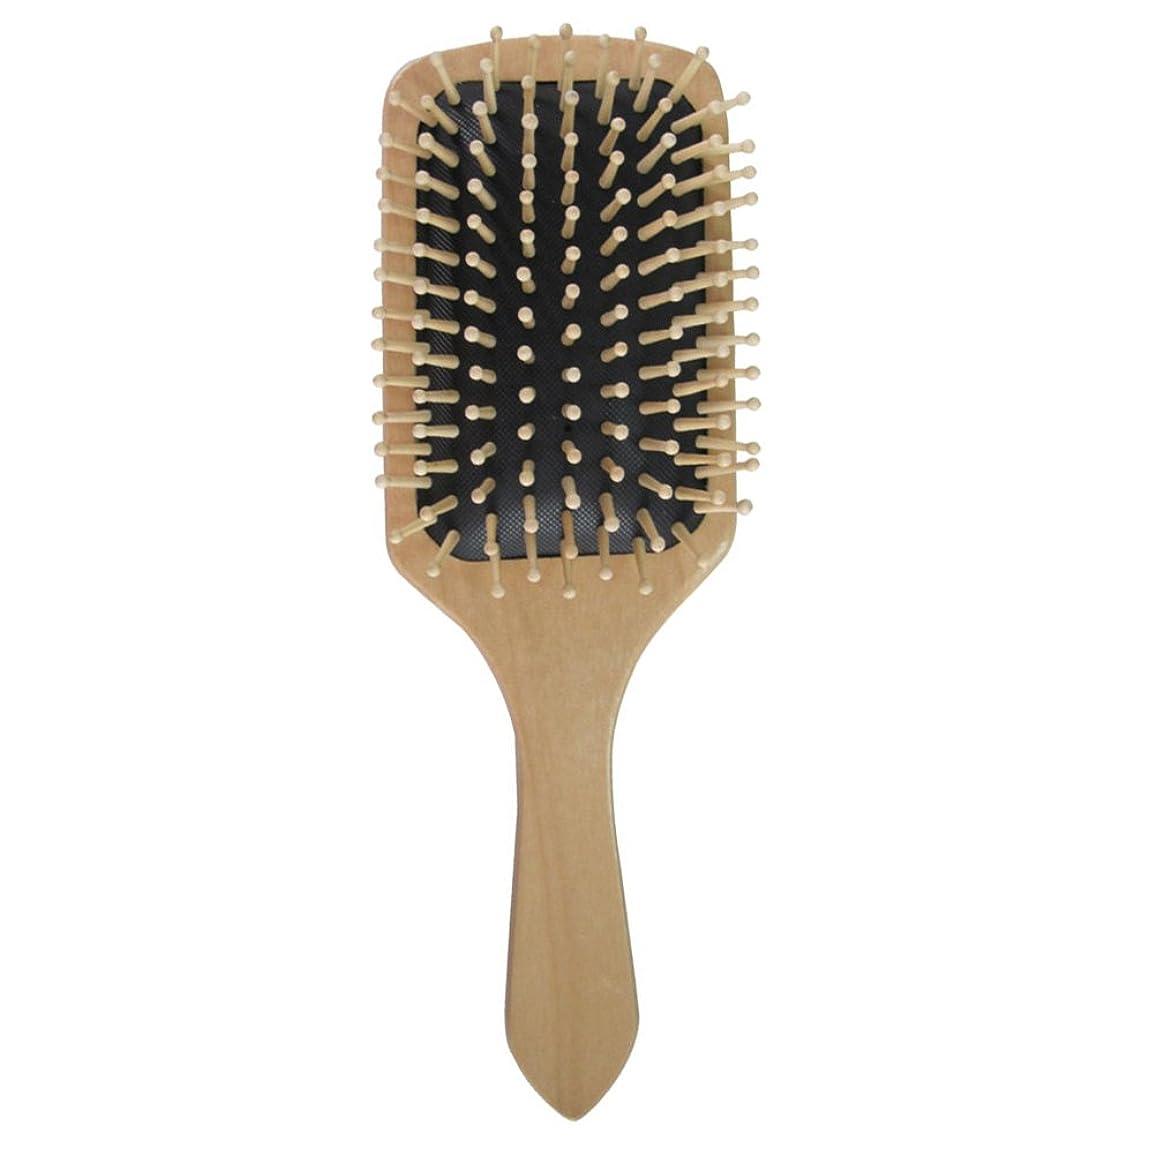 合体抜粋アシュリータファーマンHealifty ヘアブラシ マッサージ櫛 頭皮ブラシ ヘアケアブラシ 絡まない 濡れた髪 髪 頭皮マッサージ ダメージ軽減